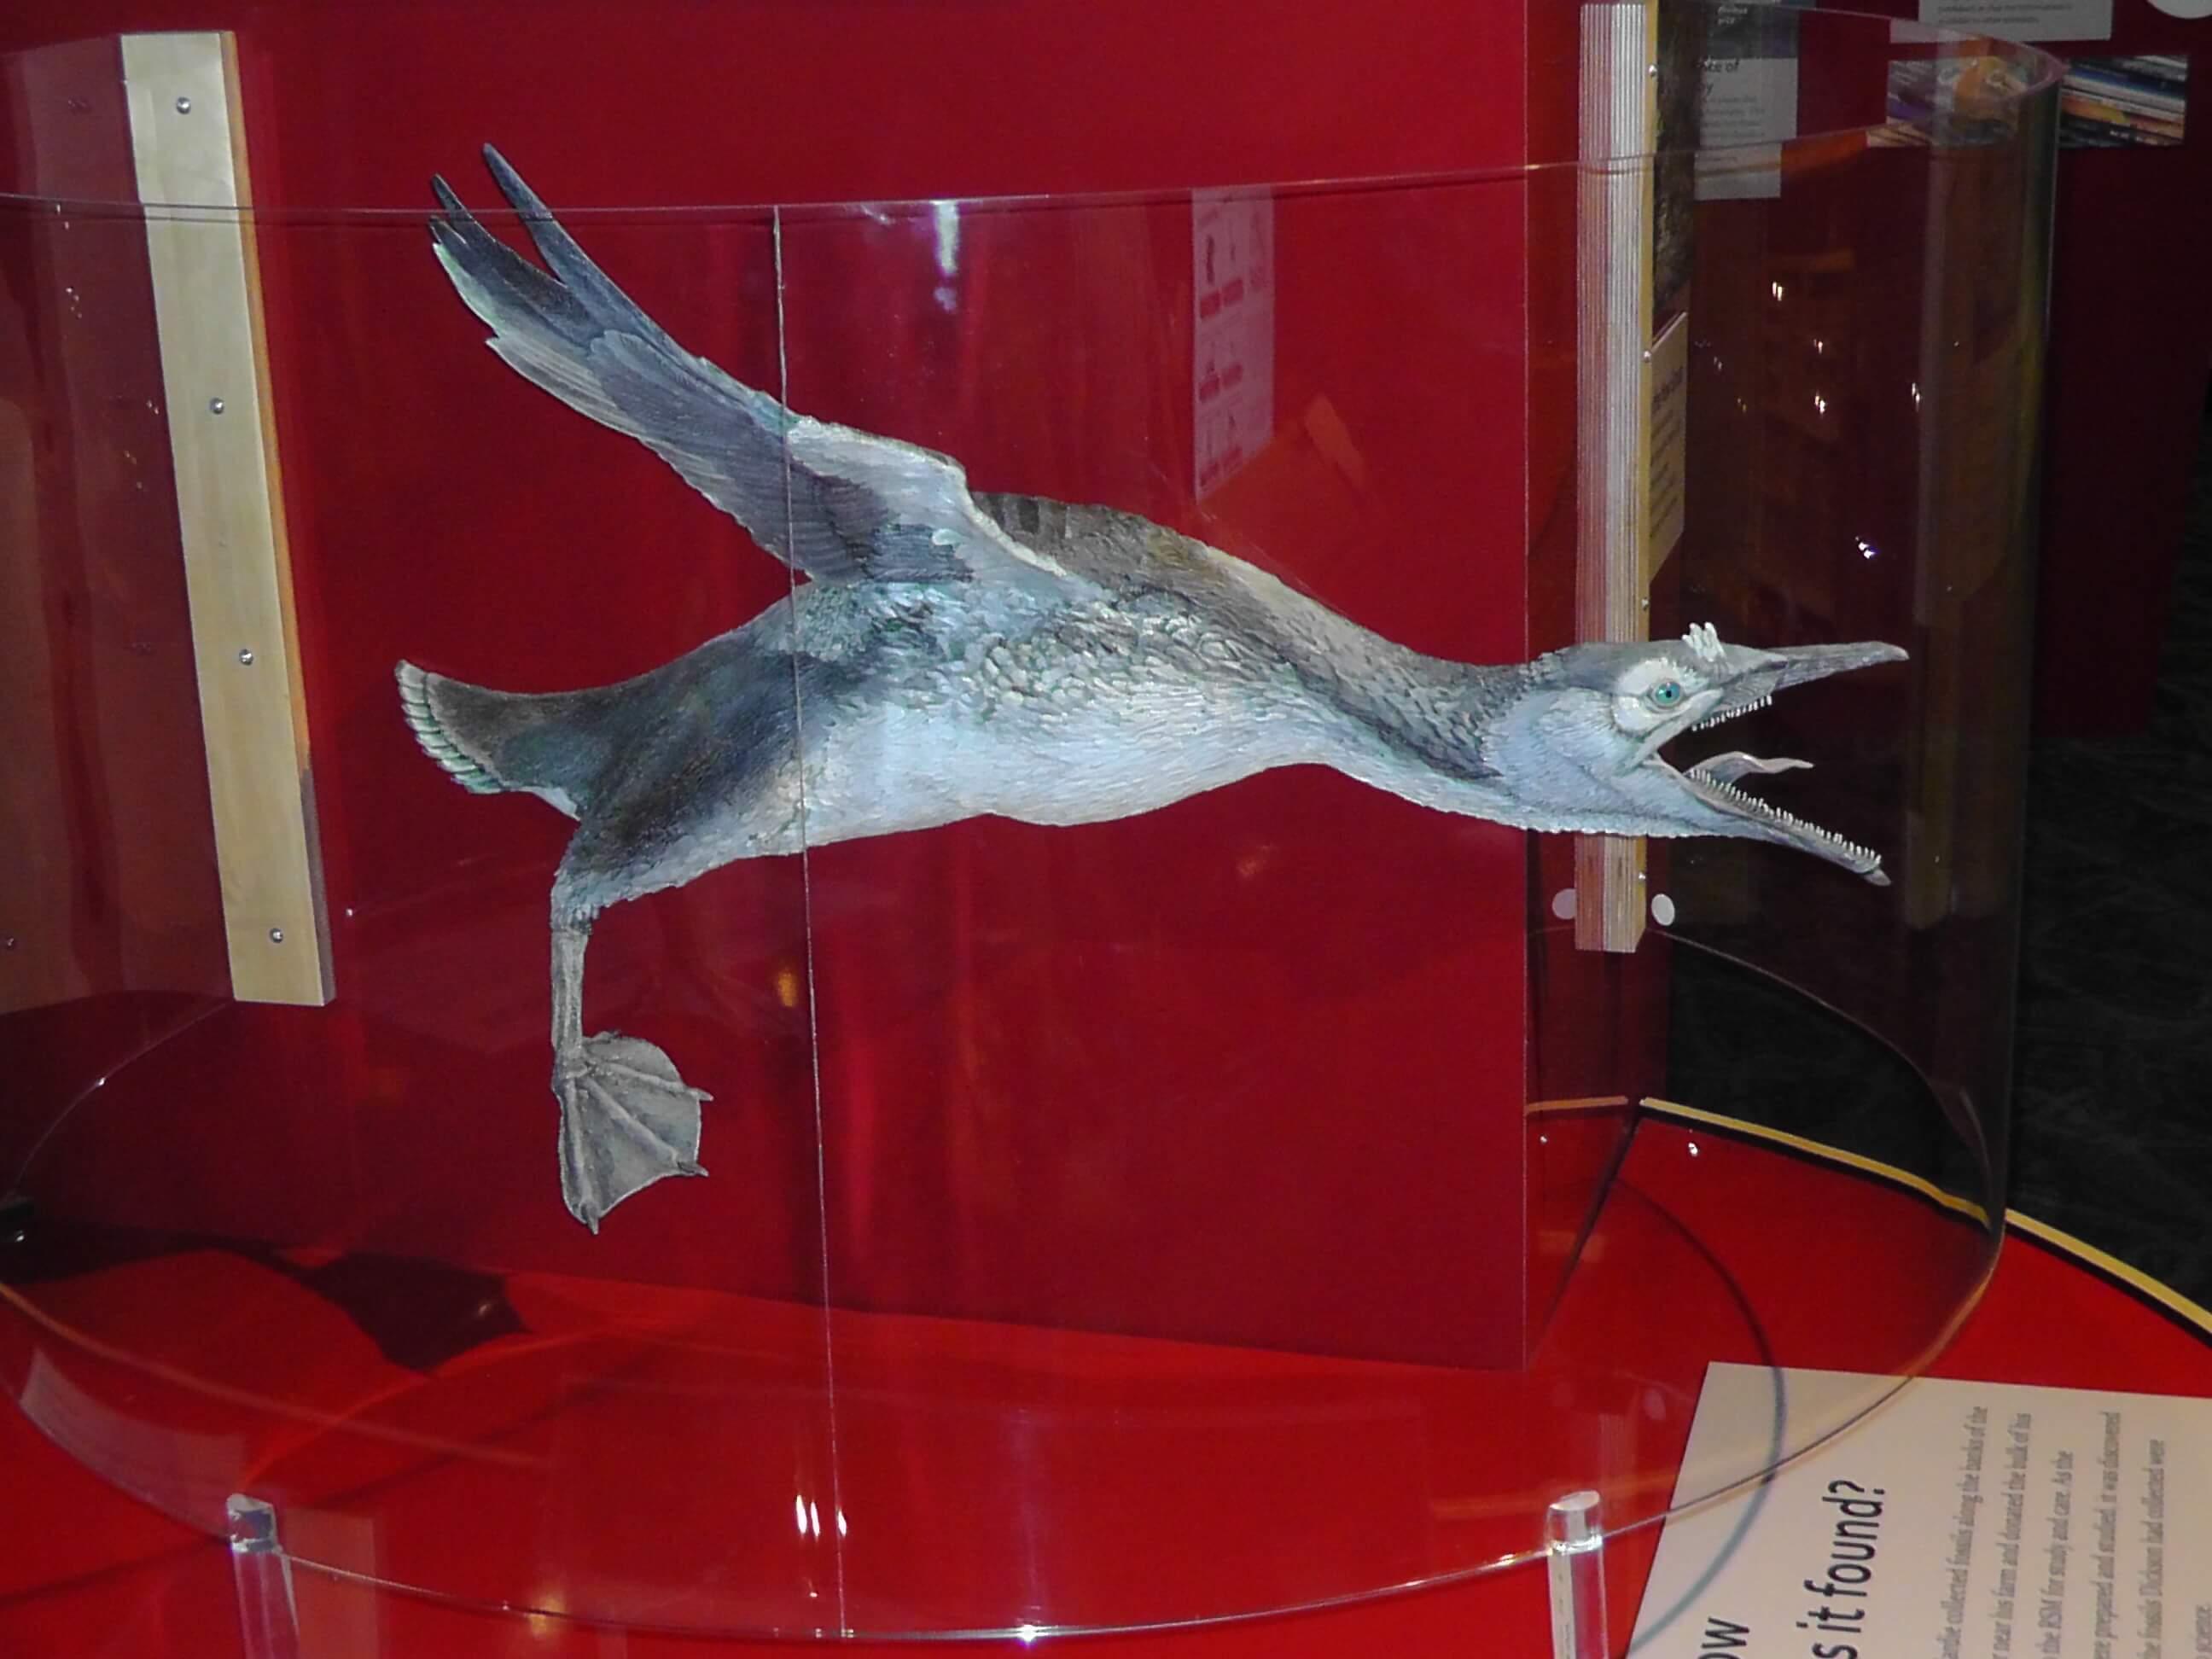 Cretaceous Bird (note teeth), Royal Saskatchewan Museum, Regina, Saskatchewan